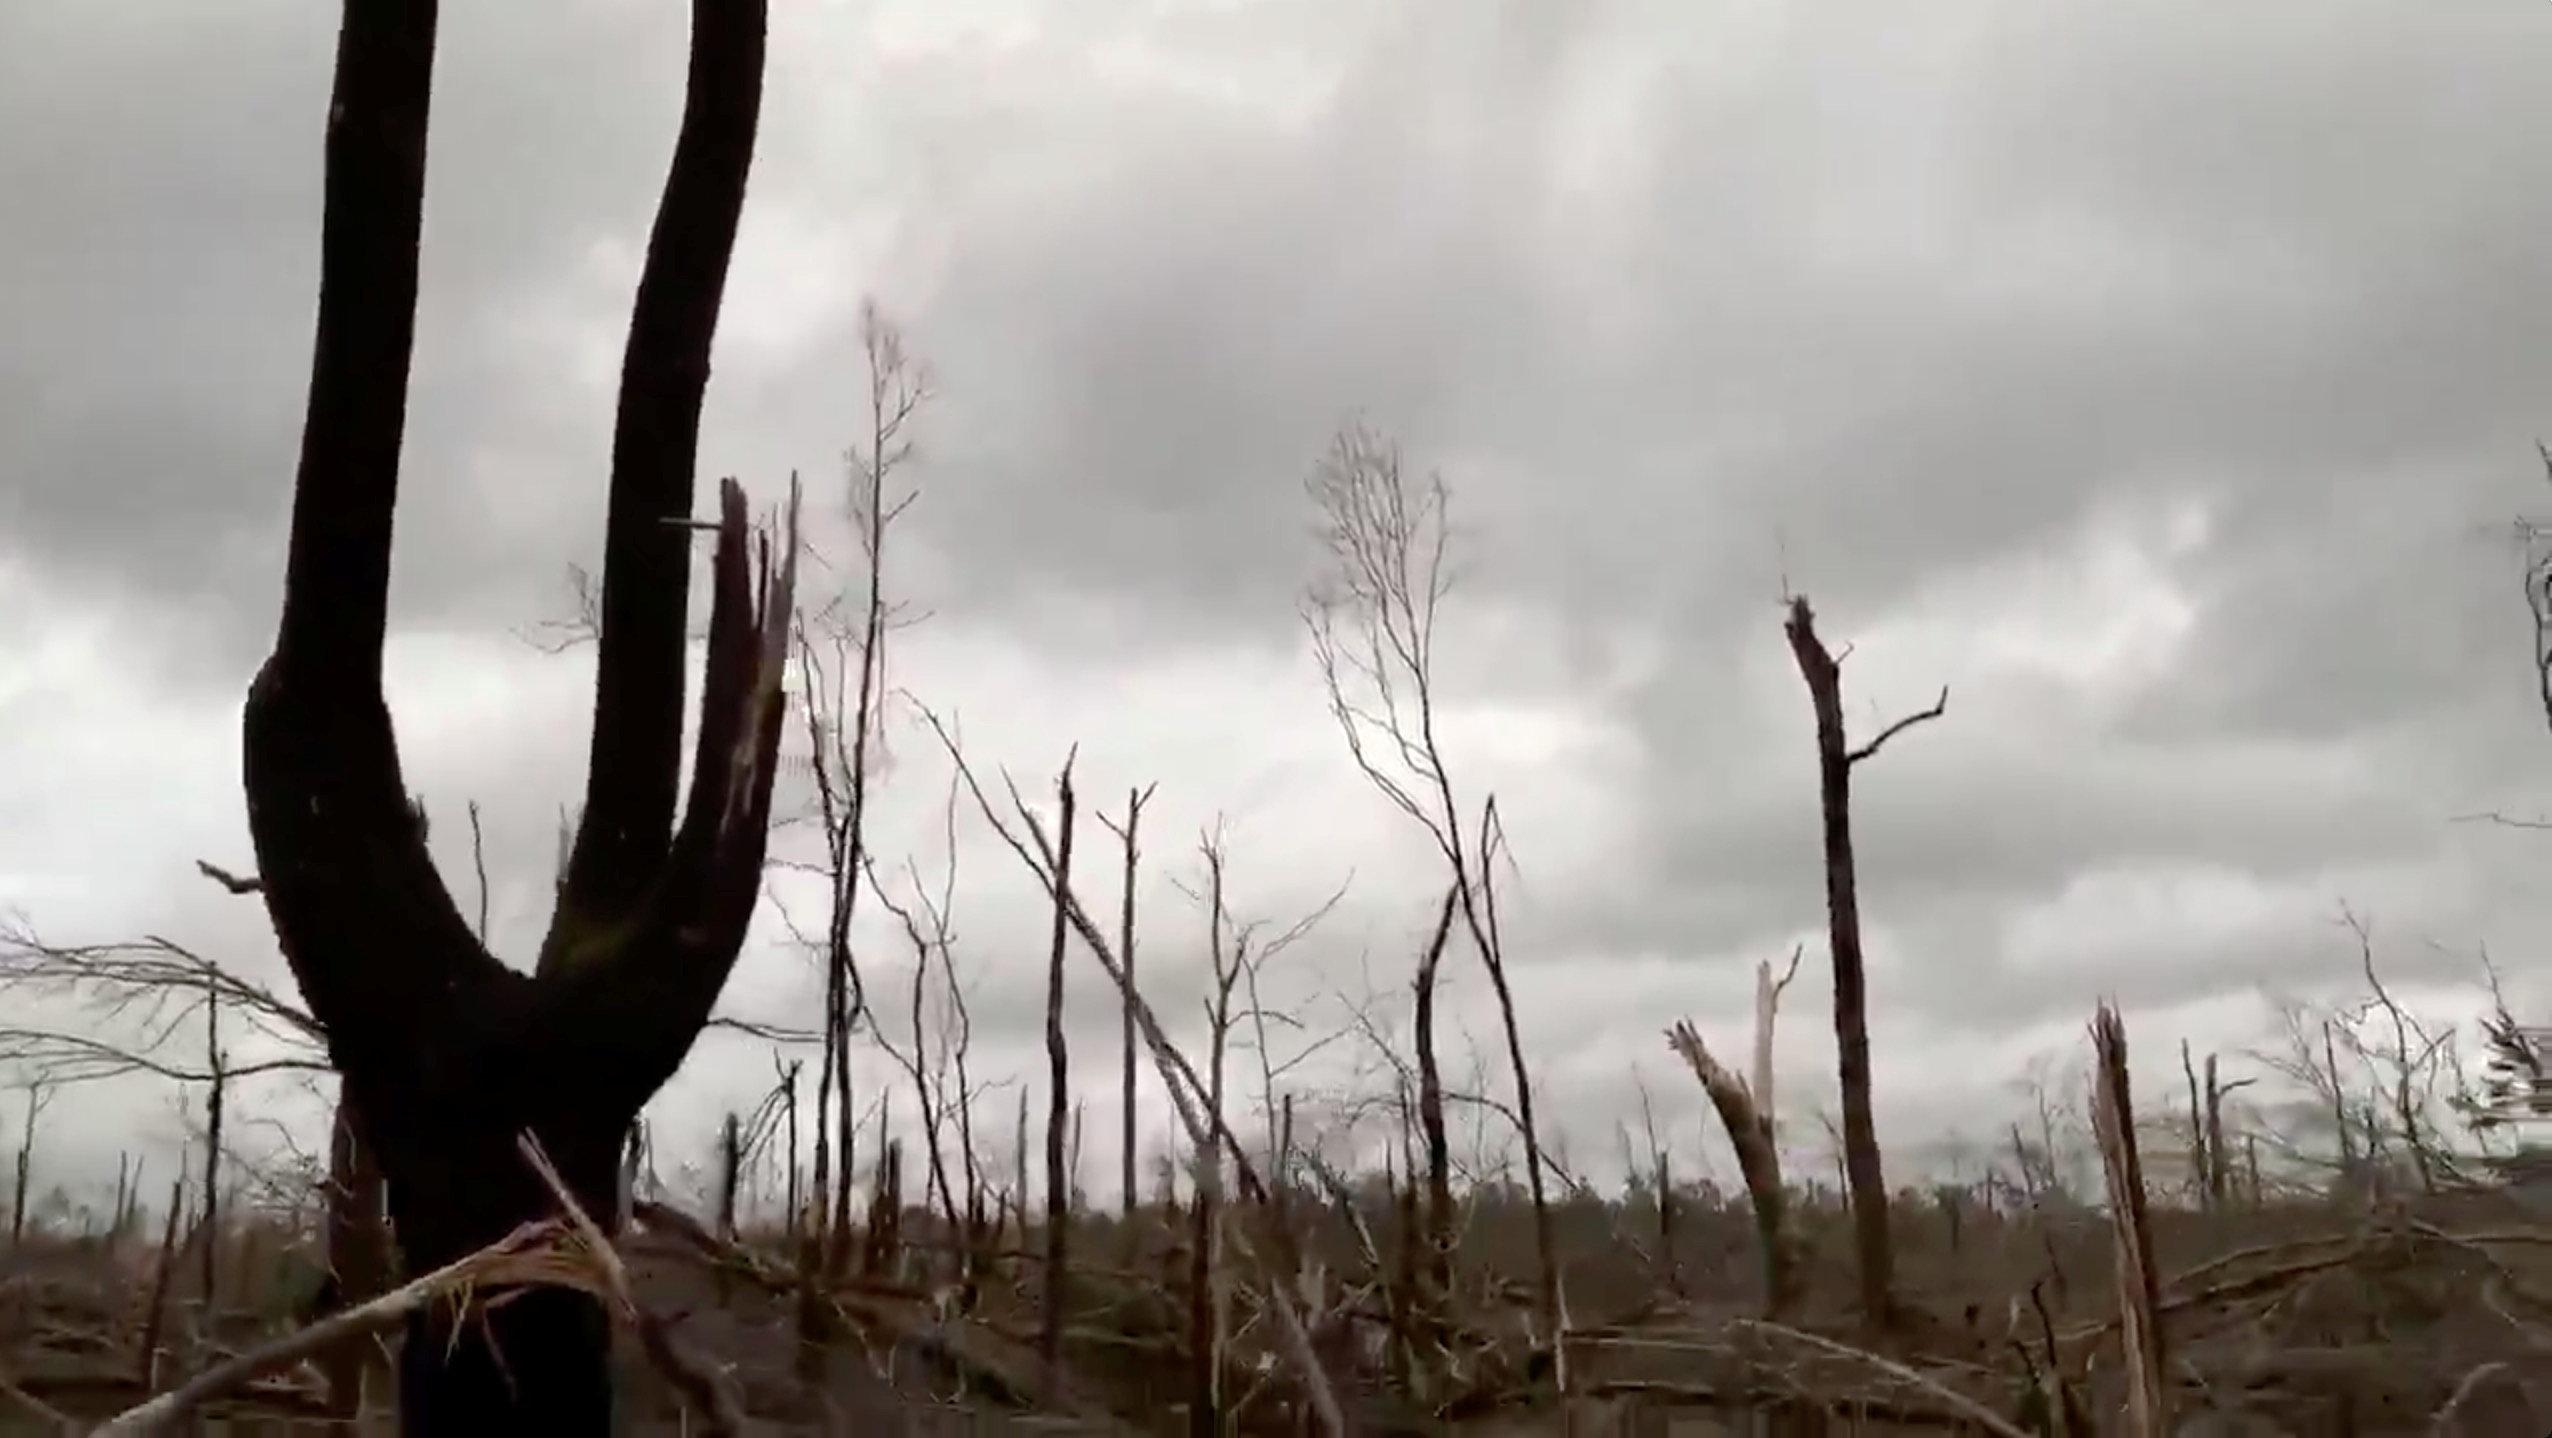 Damaged trees seen following tornadoes in Beauregard.